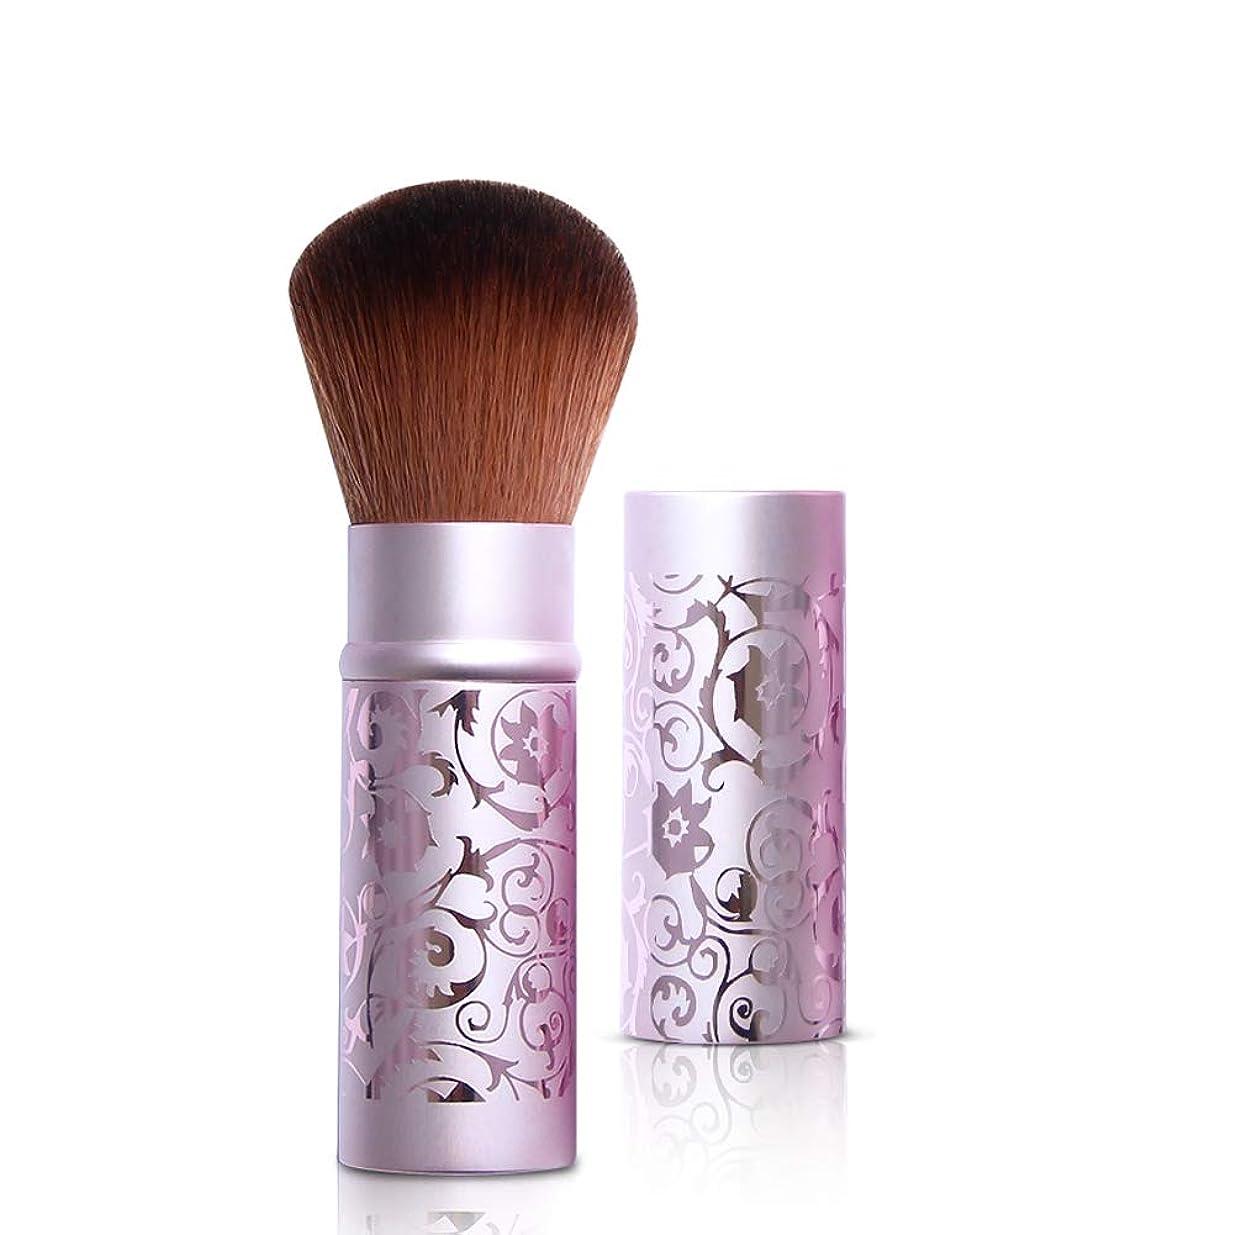 スチュワードボーナス時計回りルージュブラシセット化粧ブラシ化粧ブラシルースパウダーブラシラージパウダーブラシシャドーブラシブラッシュブラシテレスコピックポータブル蓋付き,Purple